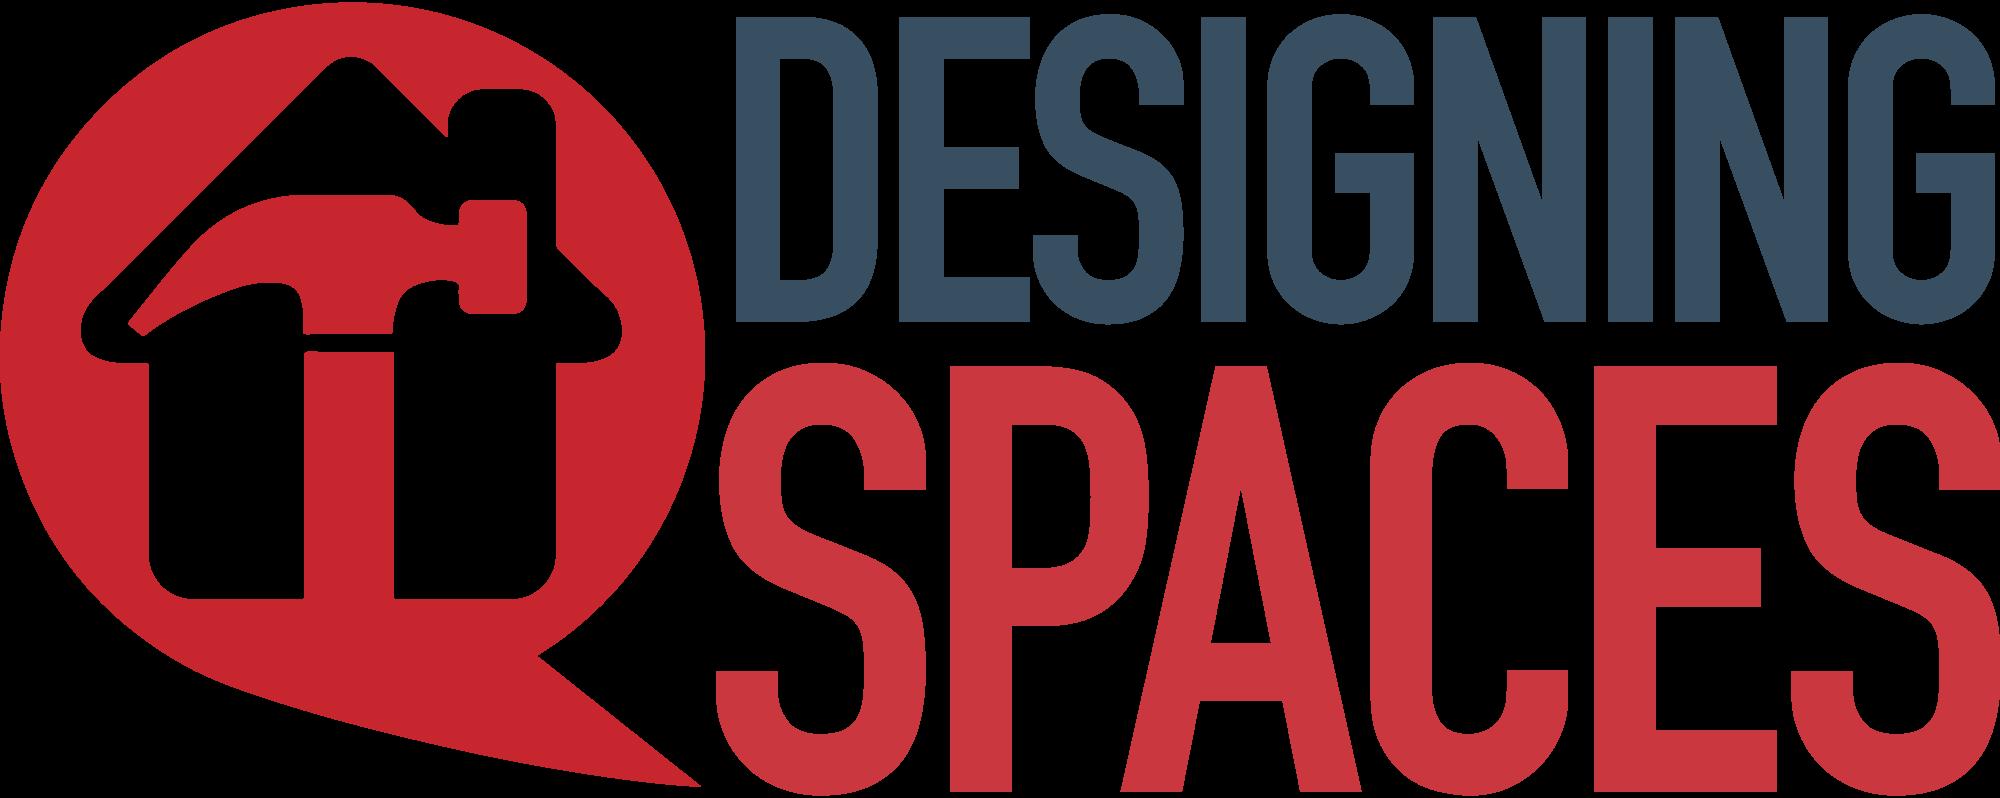 www.DesigningSpaces.tv